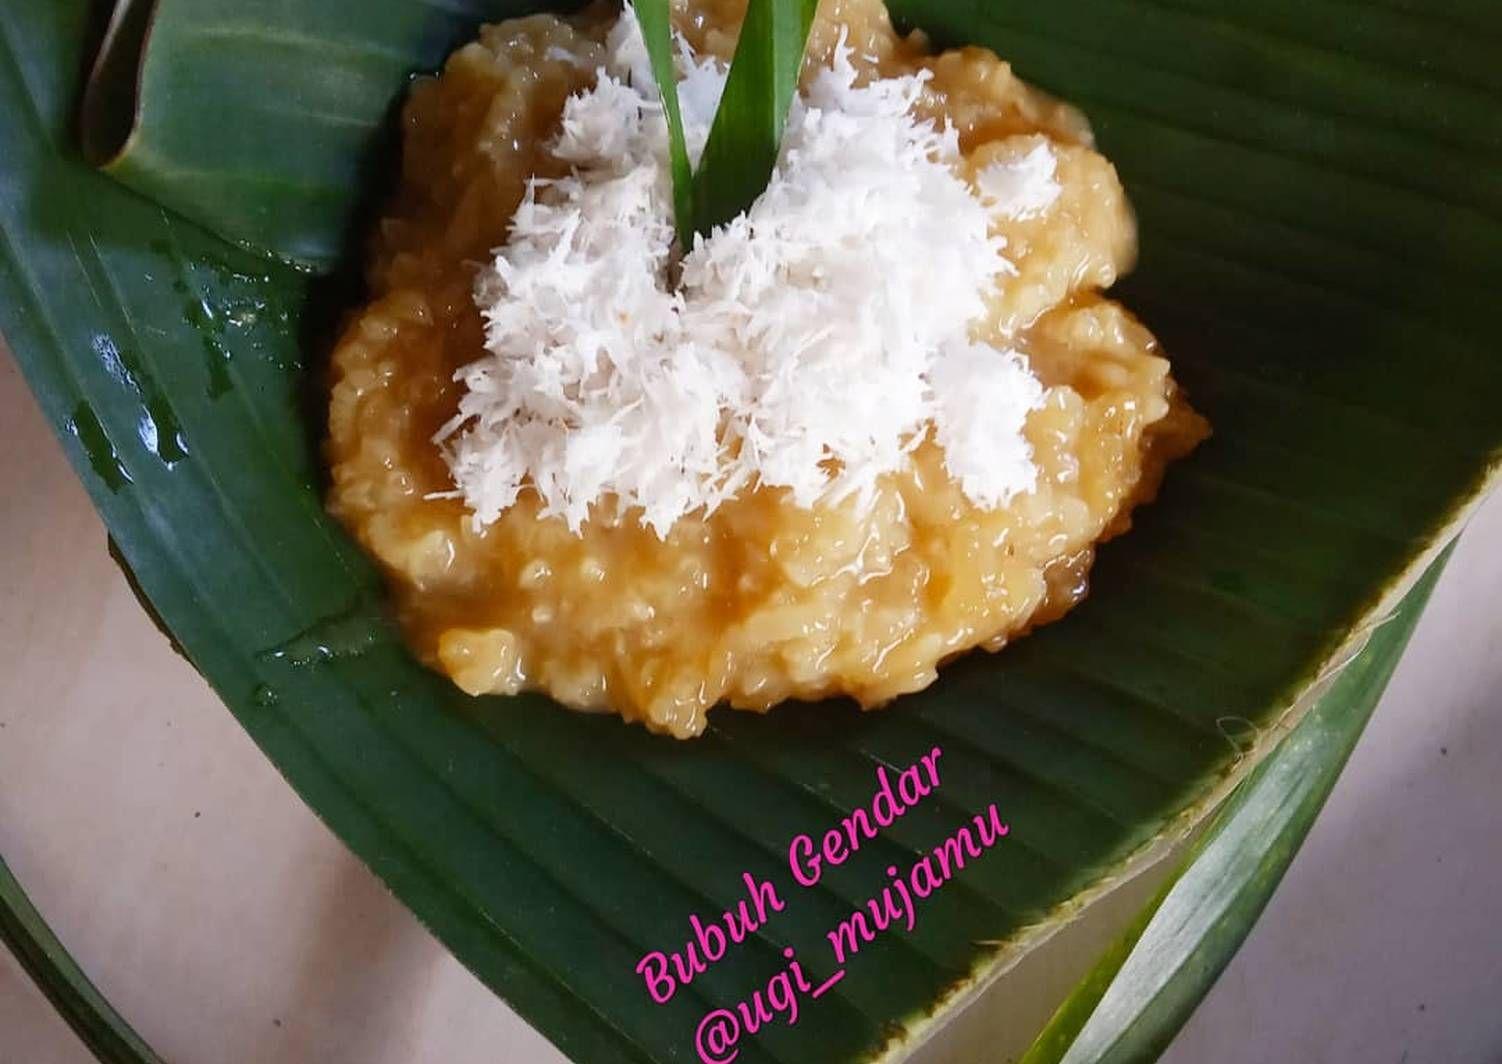 Resep Bubuh Gendar Bubur Ketan Gula Merah Oleh Ugi Resep Makanan Dan Minuman Gula Resep